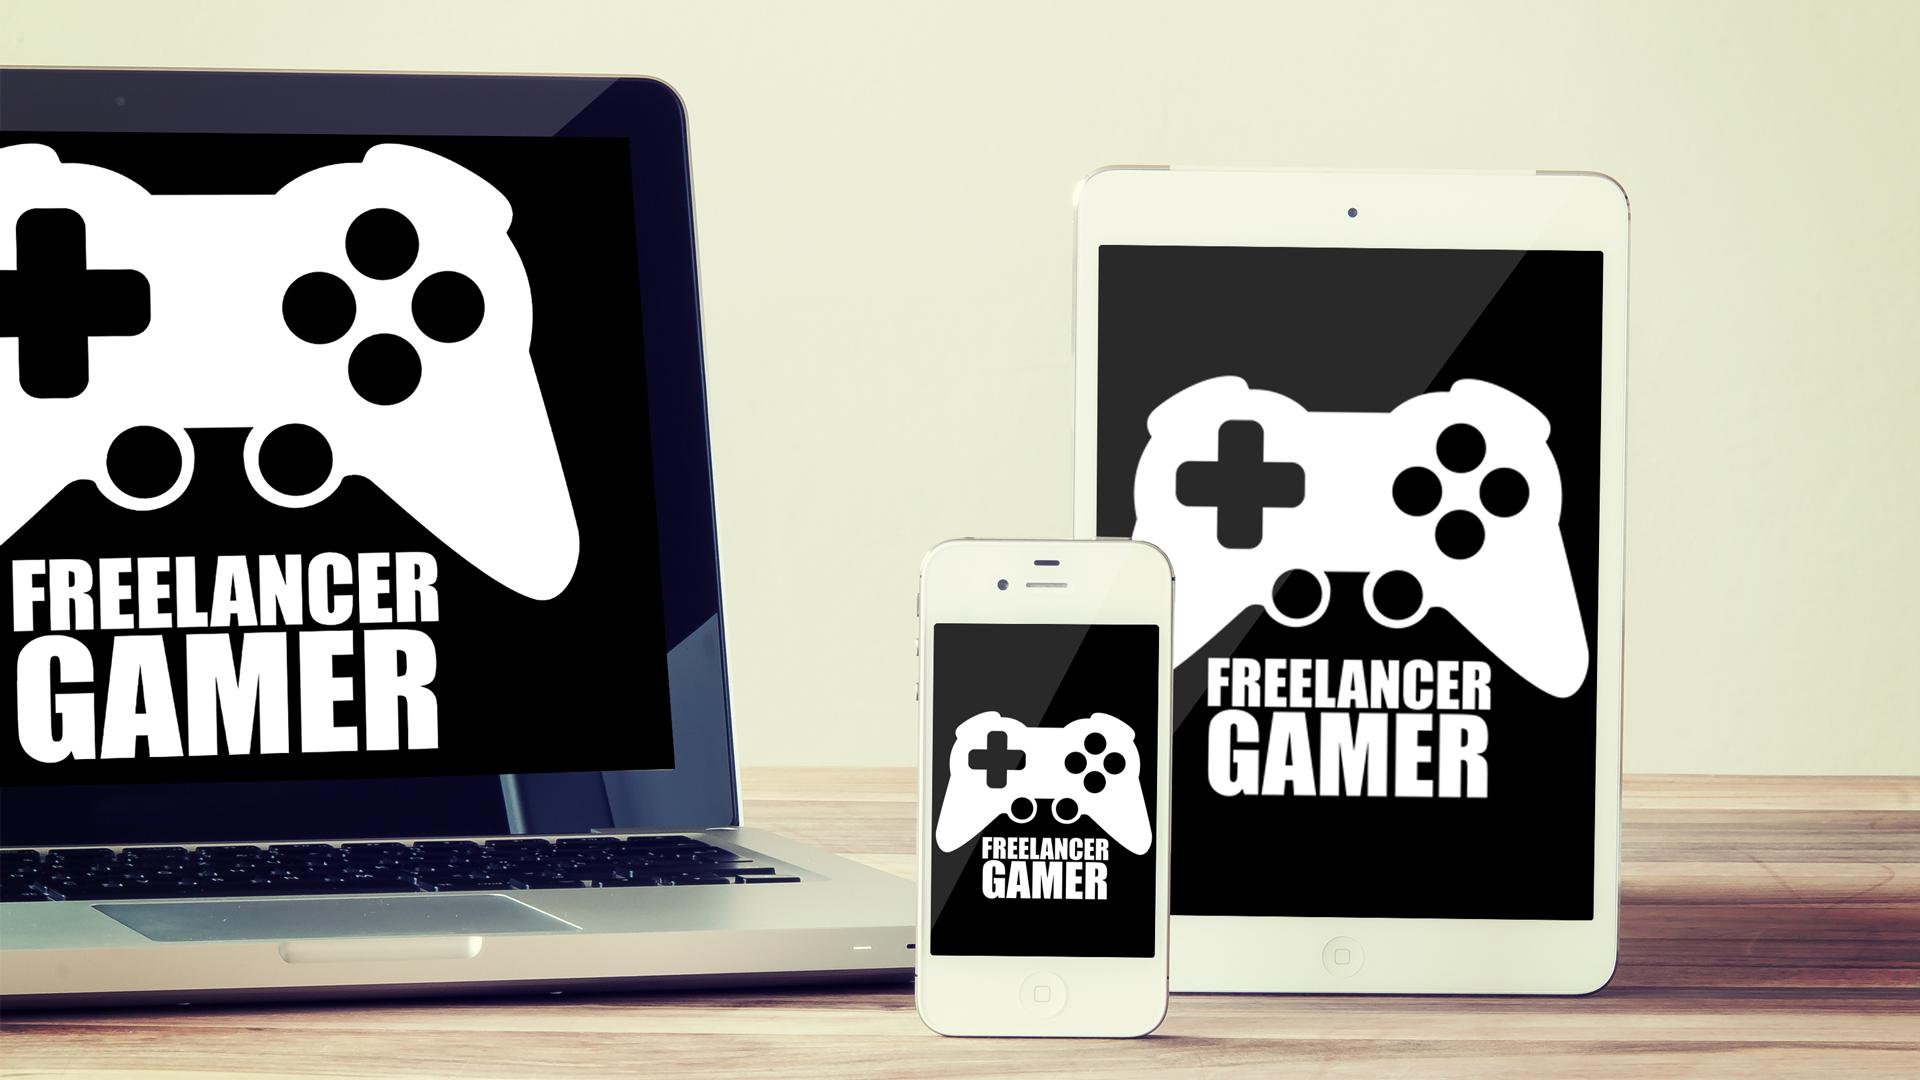 Freelancer Gamer Wallpaper And For Mobile - Freelancer Gamer , HD Wallpaper & Backgrounds